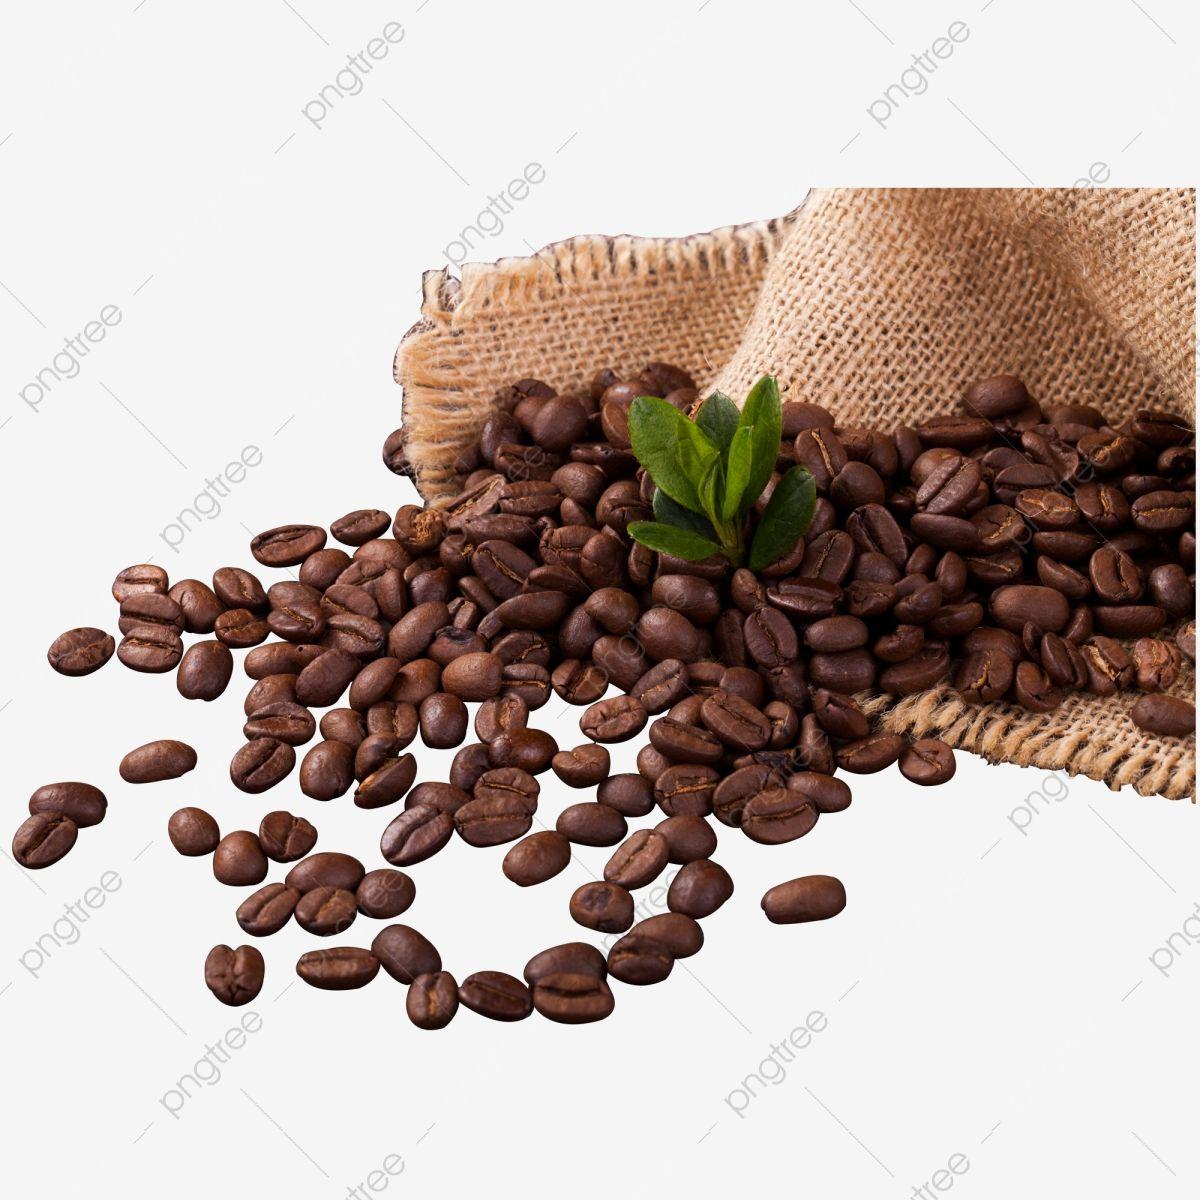 Saco De Tecido Amarelo De Graos De Cafe Graos De Cafe Cafe Cafe Quente Imagem Png E Psd Para Download Gratuito Coffee Beans Raw Coffee Beans Coffee Png